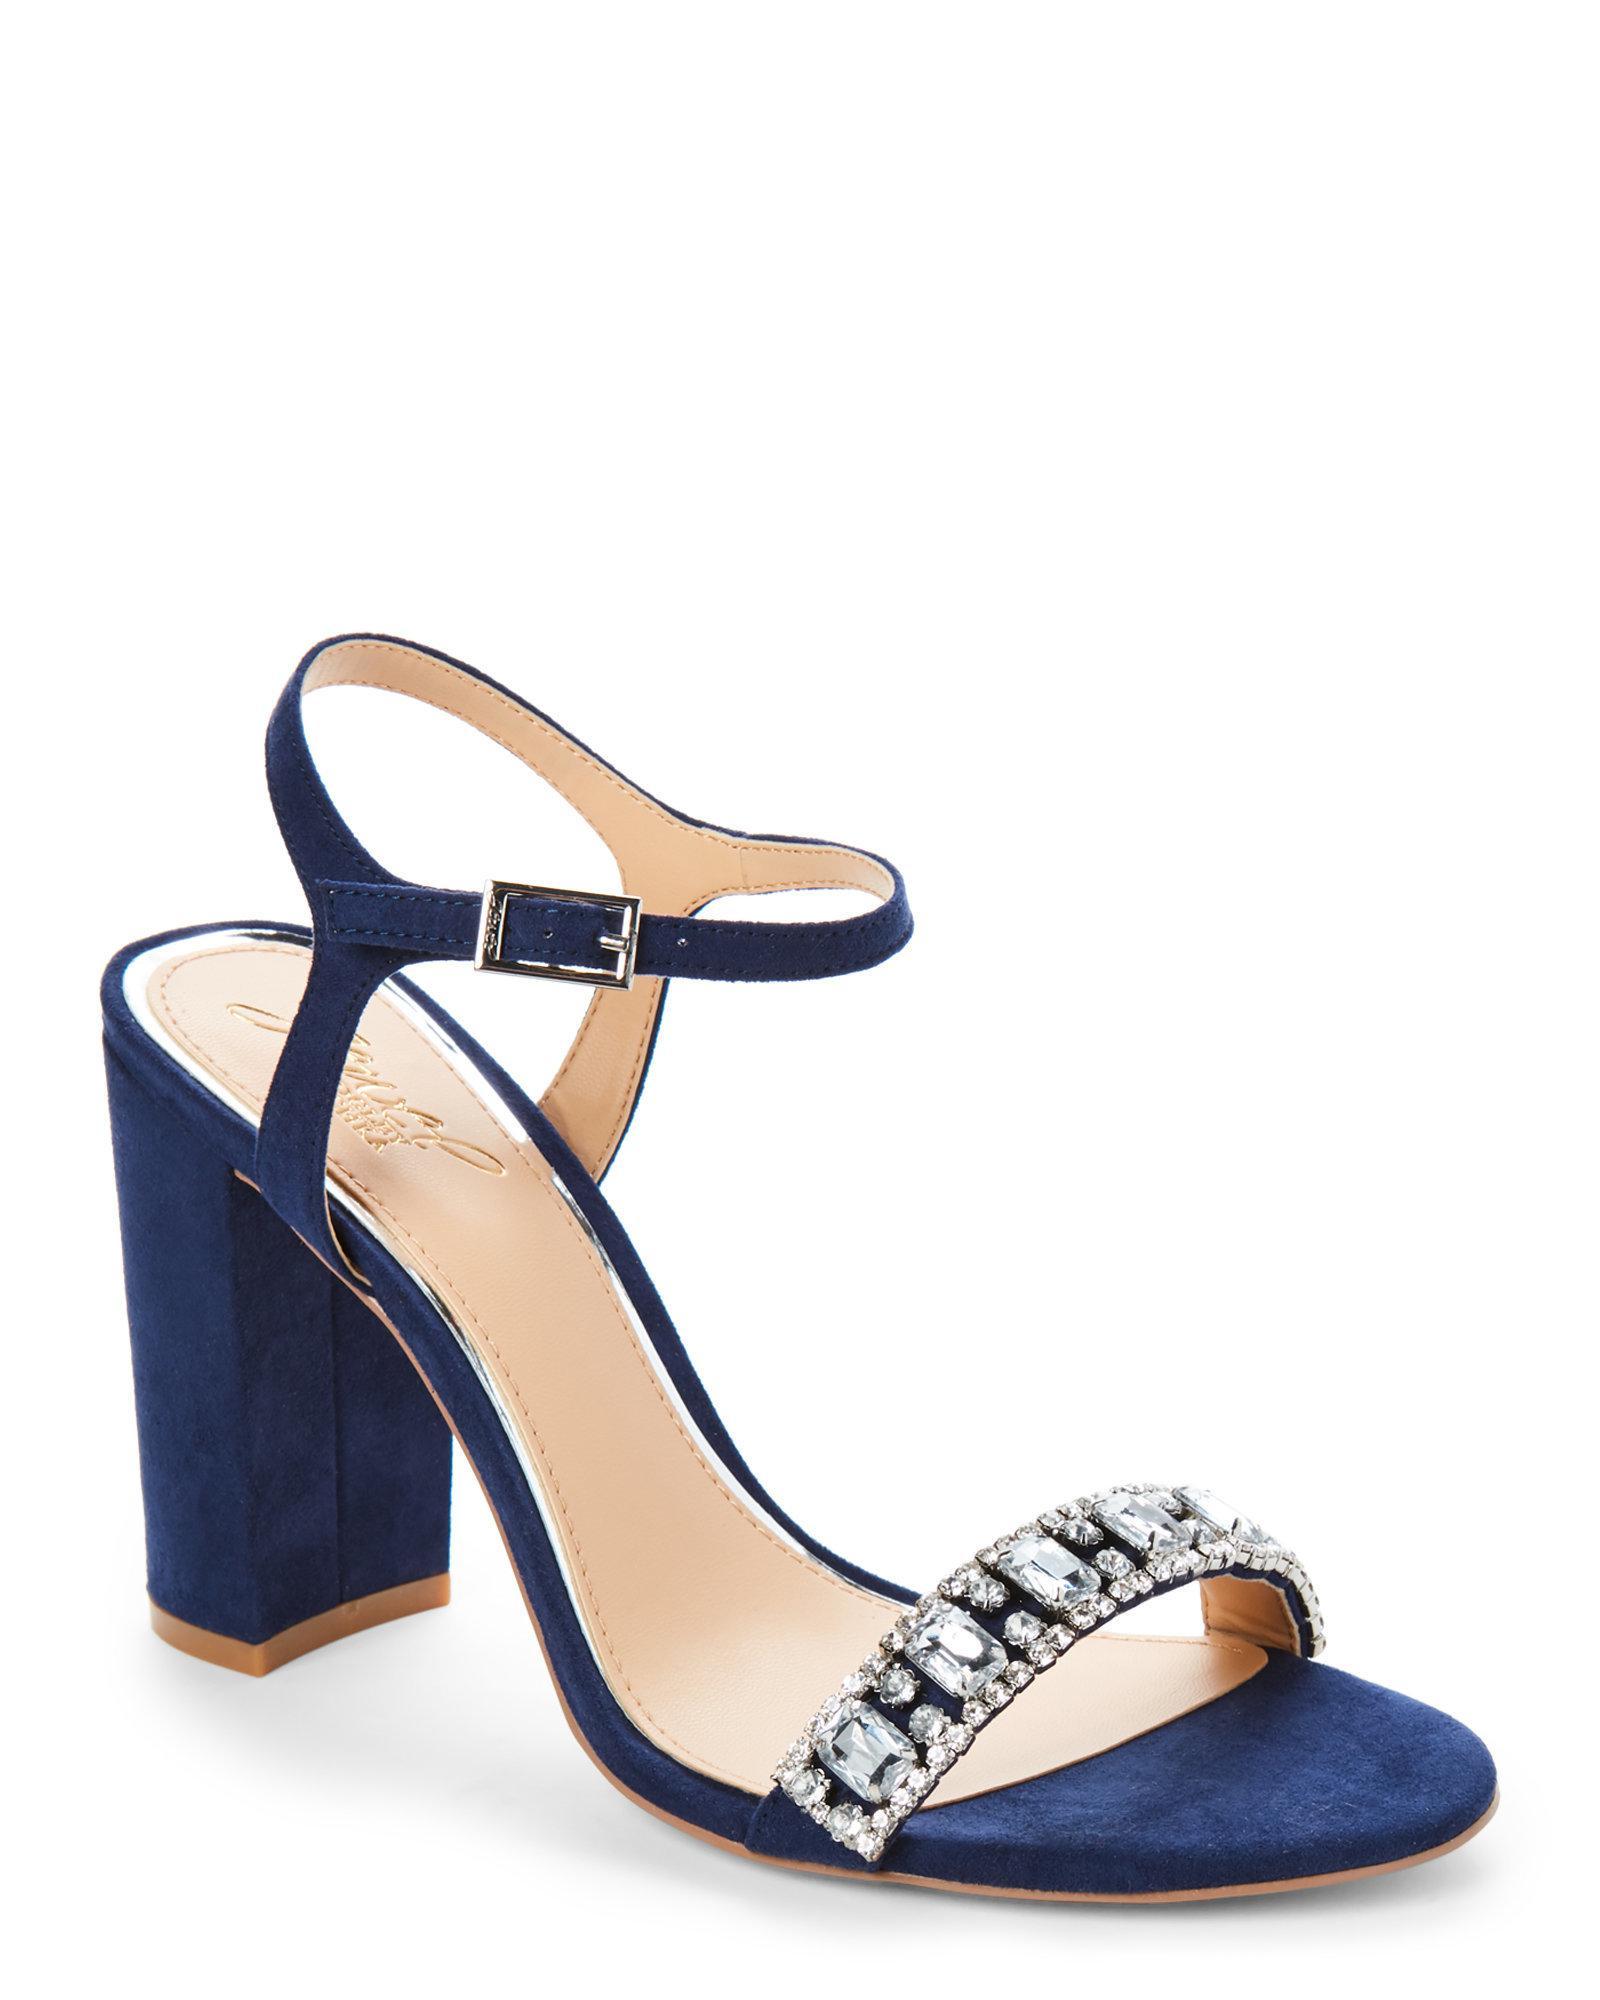 Navy Block Heel Shoes Uk